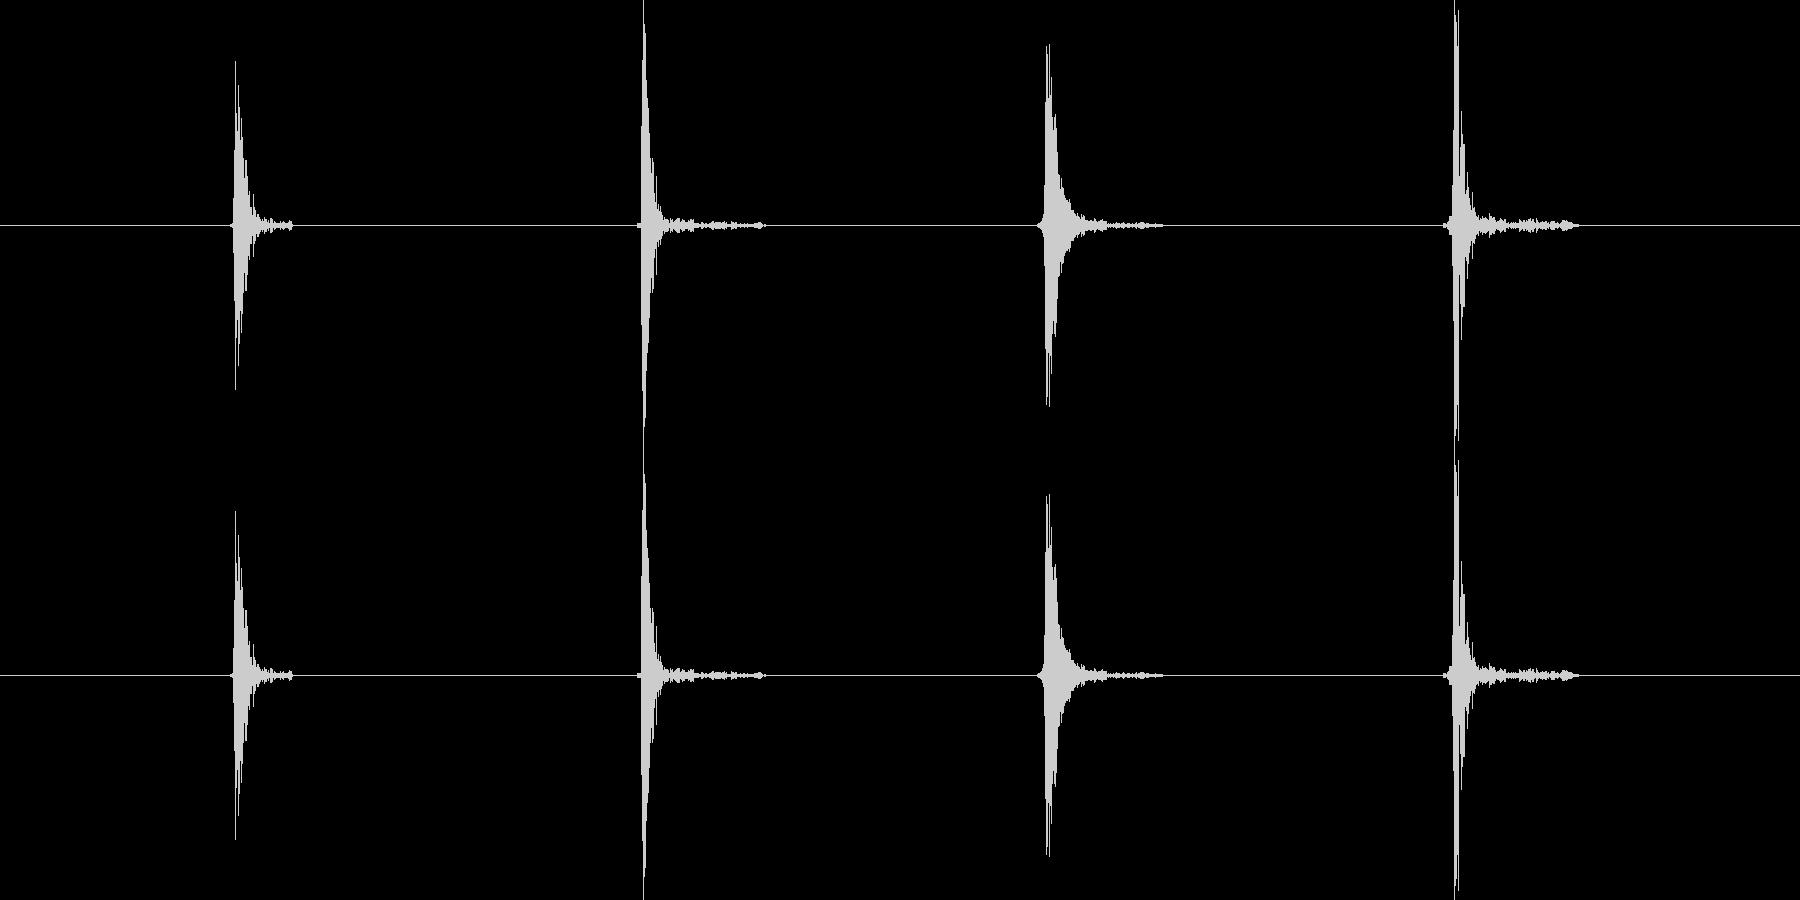 マウスをダブルクリックする音(カチカチ)の未再生の波形